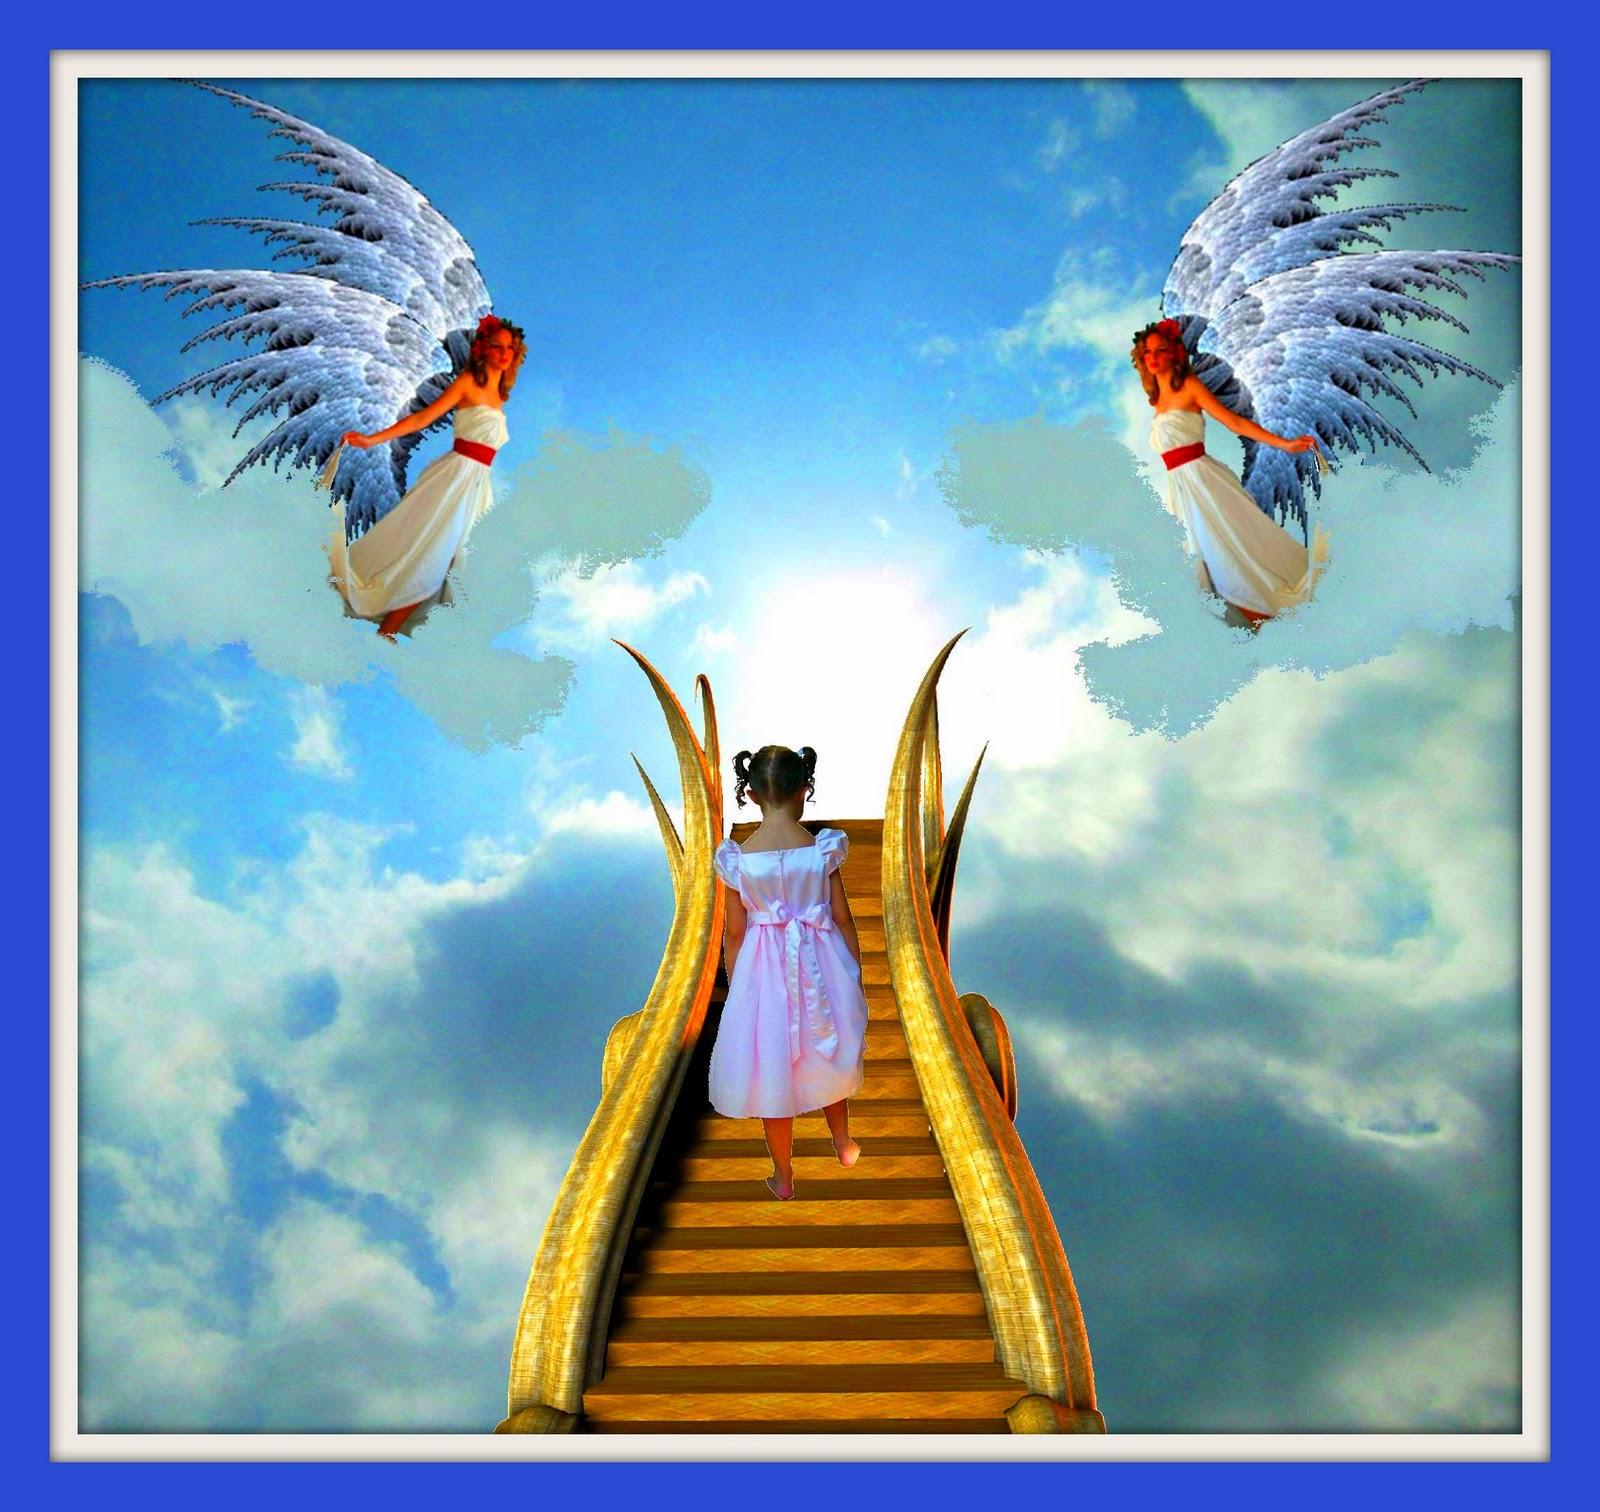 http://4.bp.blogspot.com/-WbaBfW_5j2w/TtEMfH08gvI/AAAAAAAAApM/eaZzUZFIy6k/s1600/Stairs.jpg